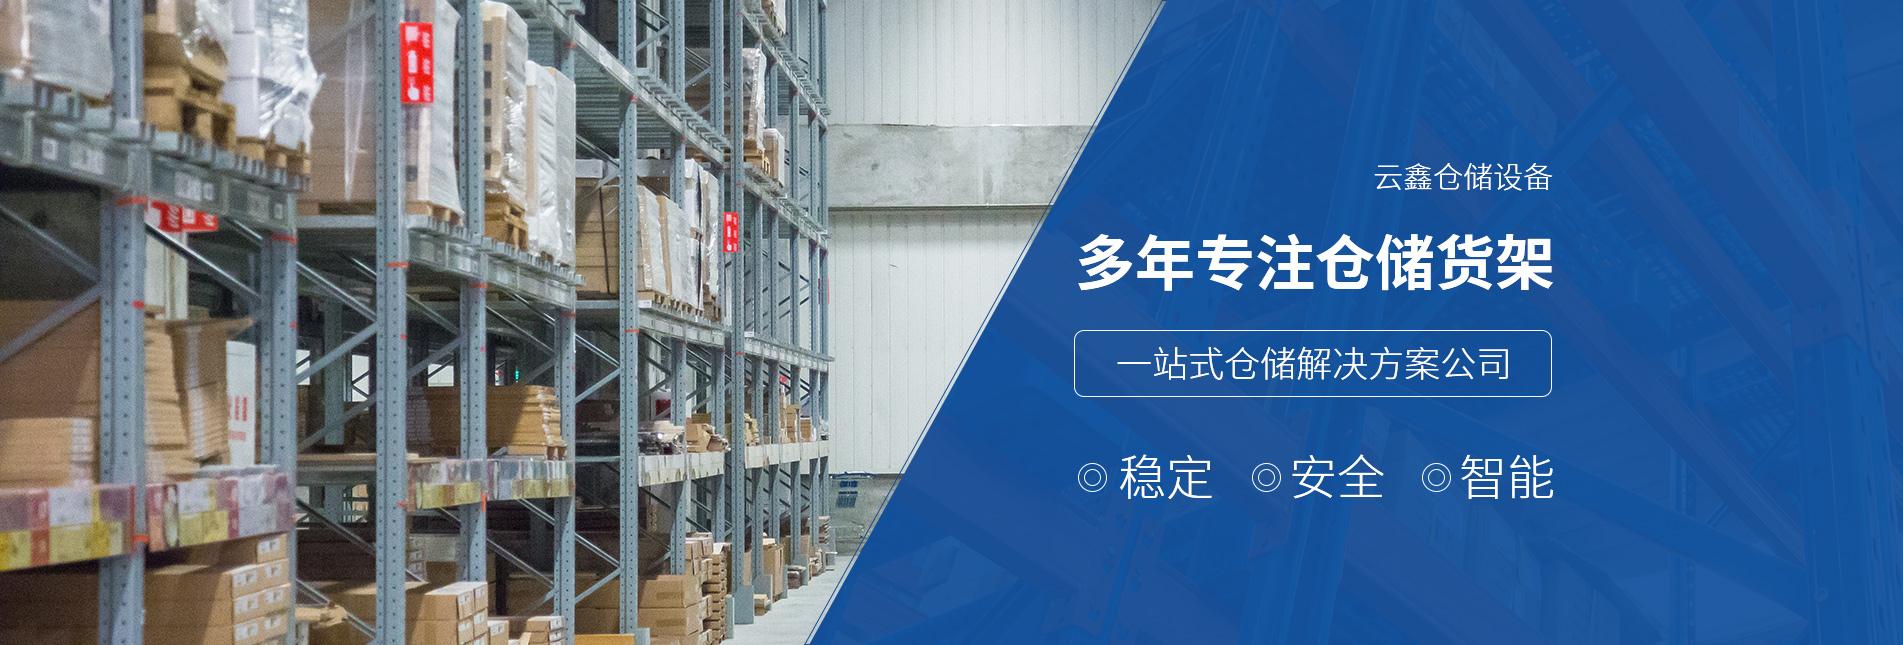 钢平台阁楼货架厂家